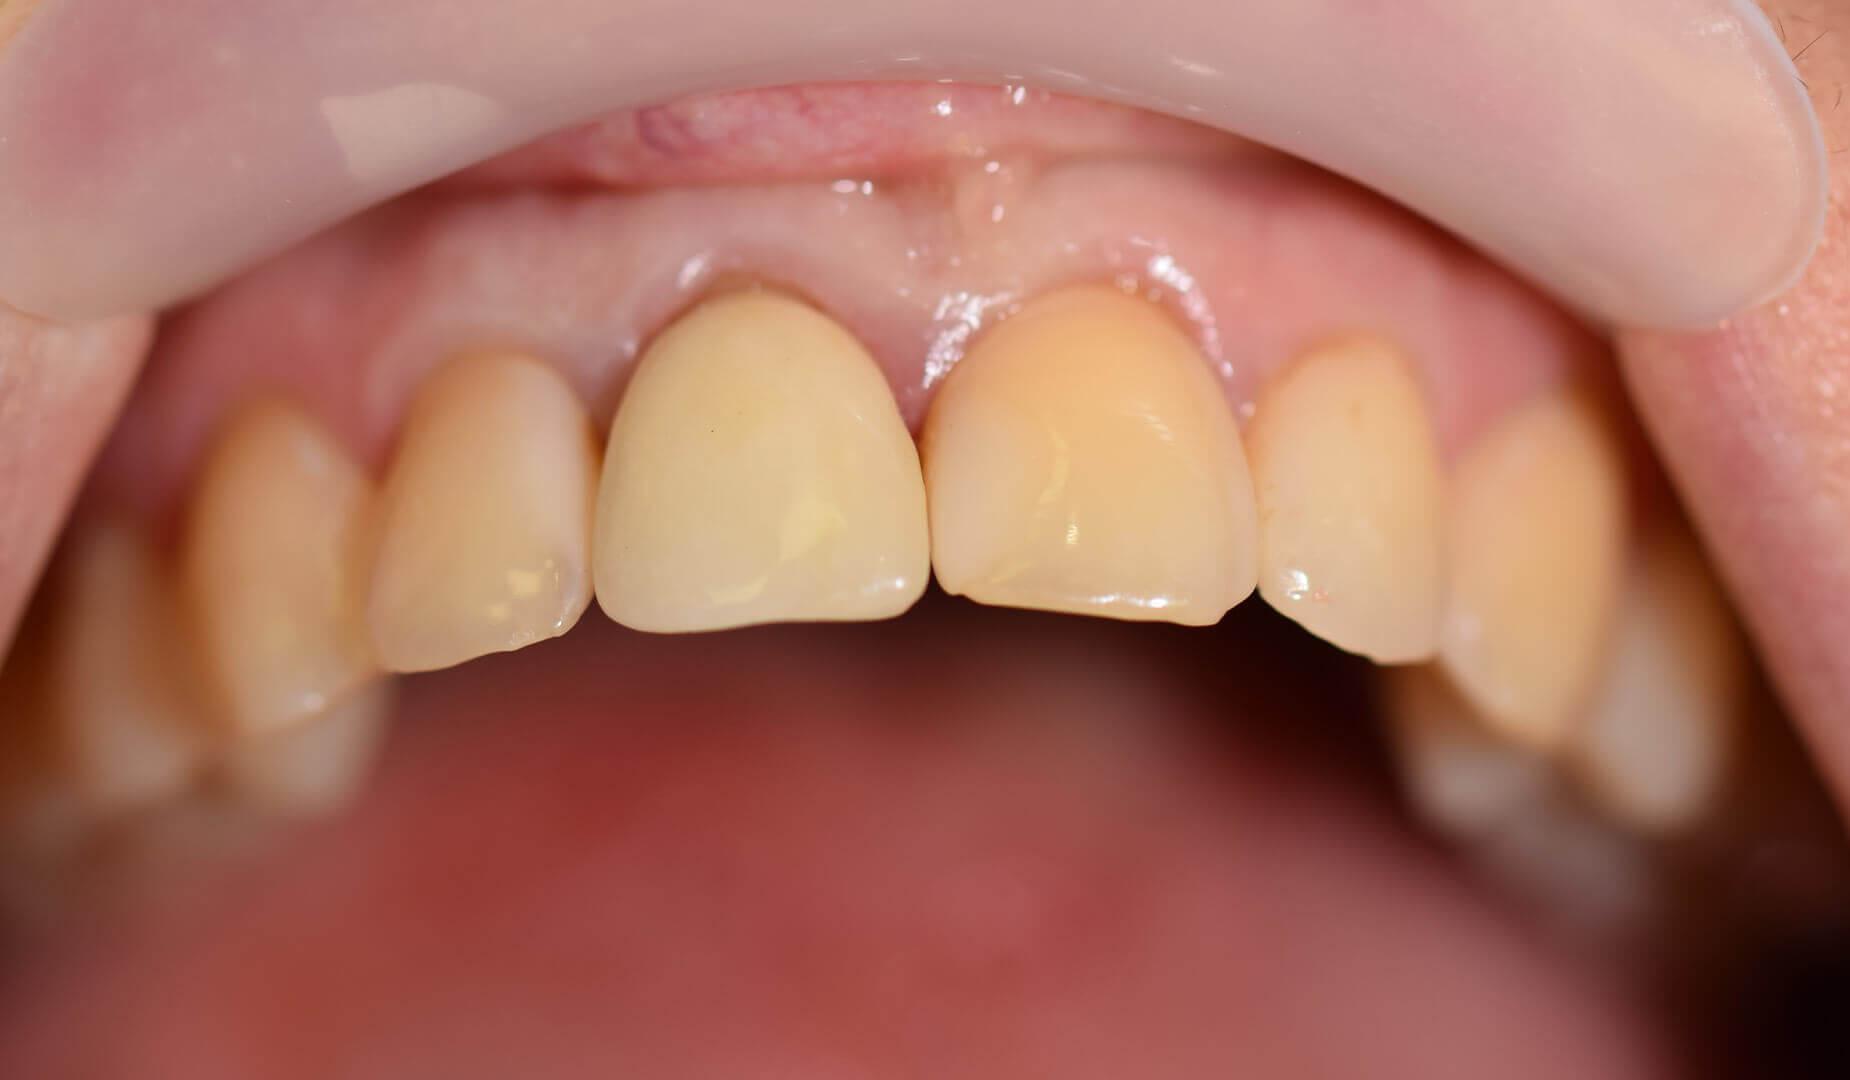 Пациент демонстрирует восстановленный зуб